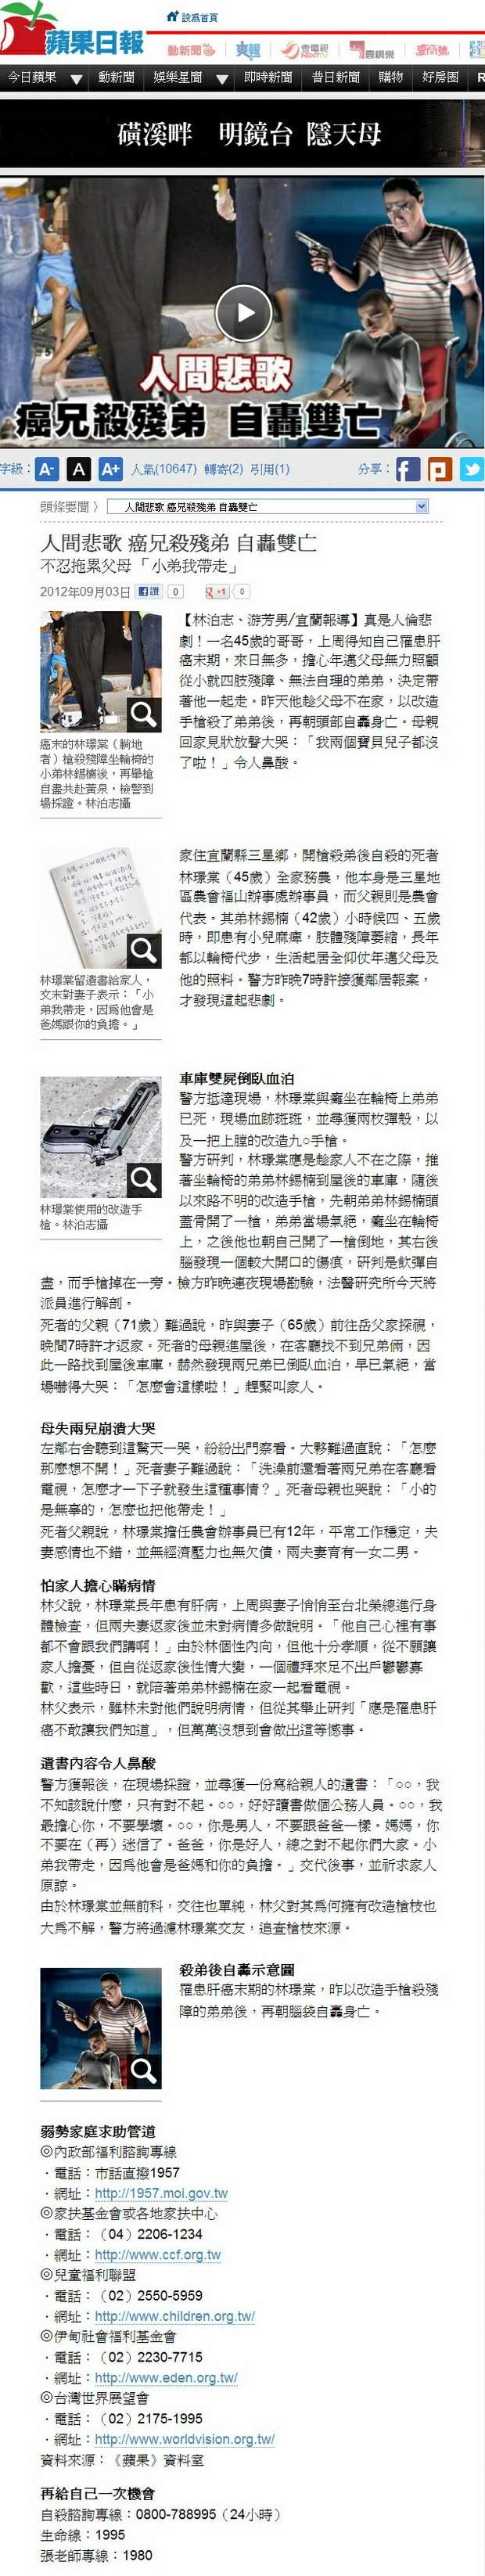 人間悲歌 癌兄殺殘弟 自轟雙亡-2012.09.03